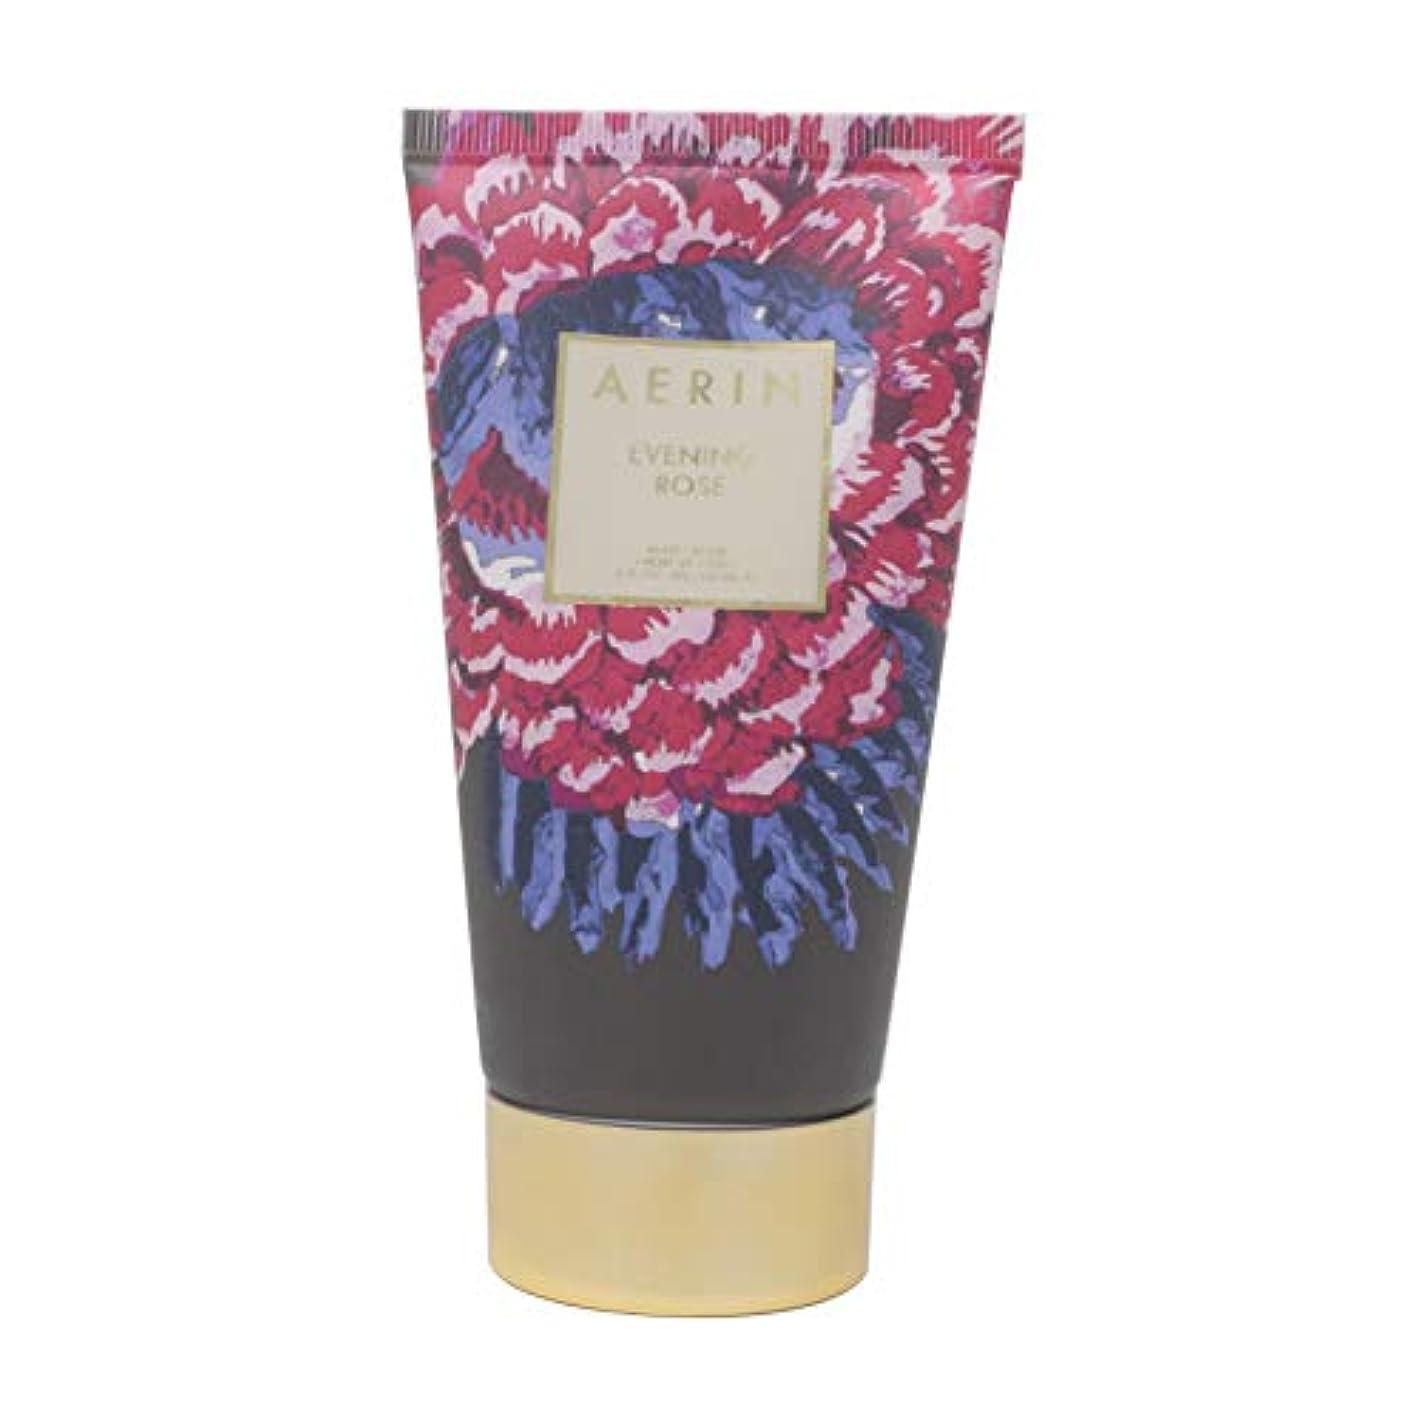 平らな拾う意識AERIN 'Evening Rose' (アエリン イブニング ローズ) 5.0 oz (150ml) Body Cream ボディークリーム by Estee Lauder for Women